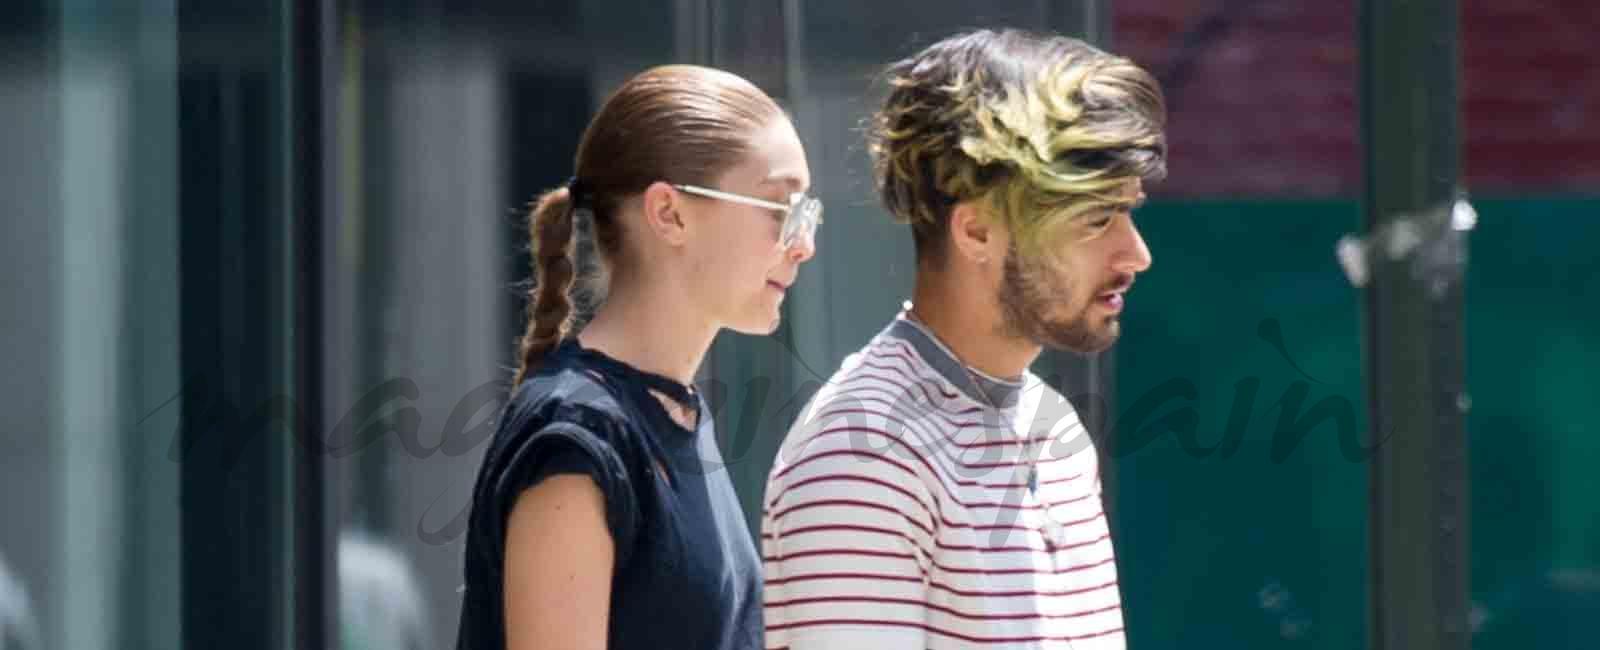 Gigi Hadid y Zayn Malik comparten estilista